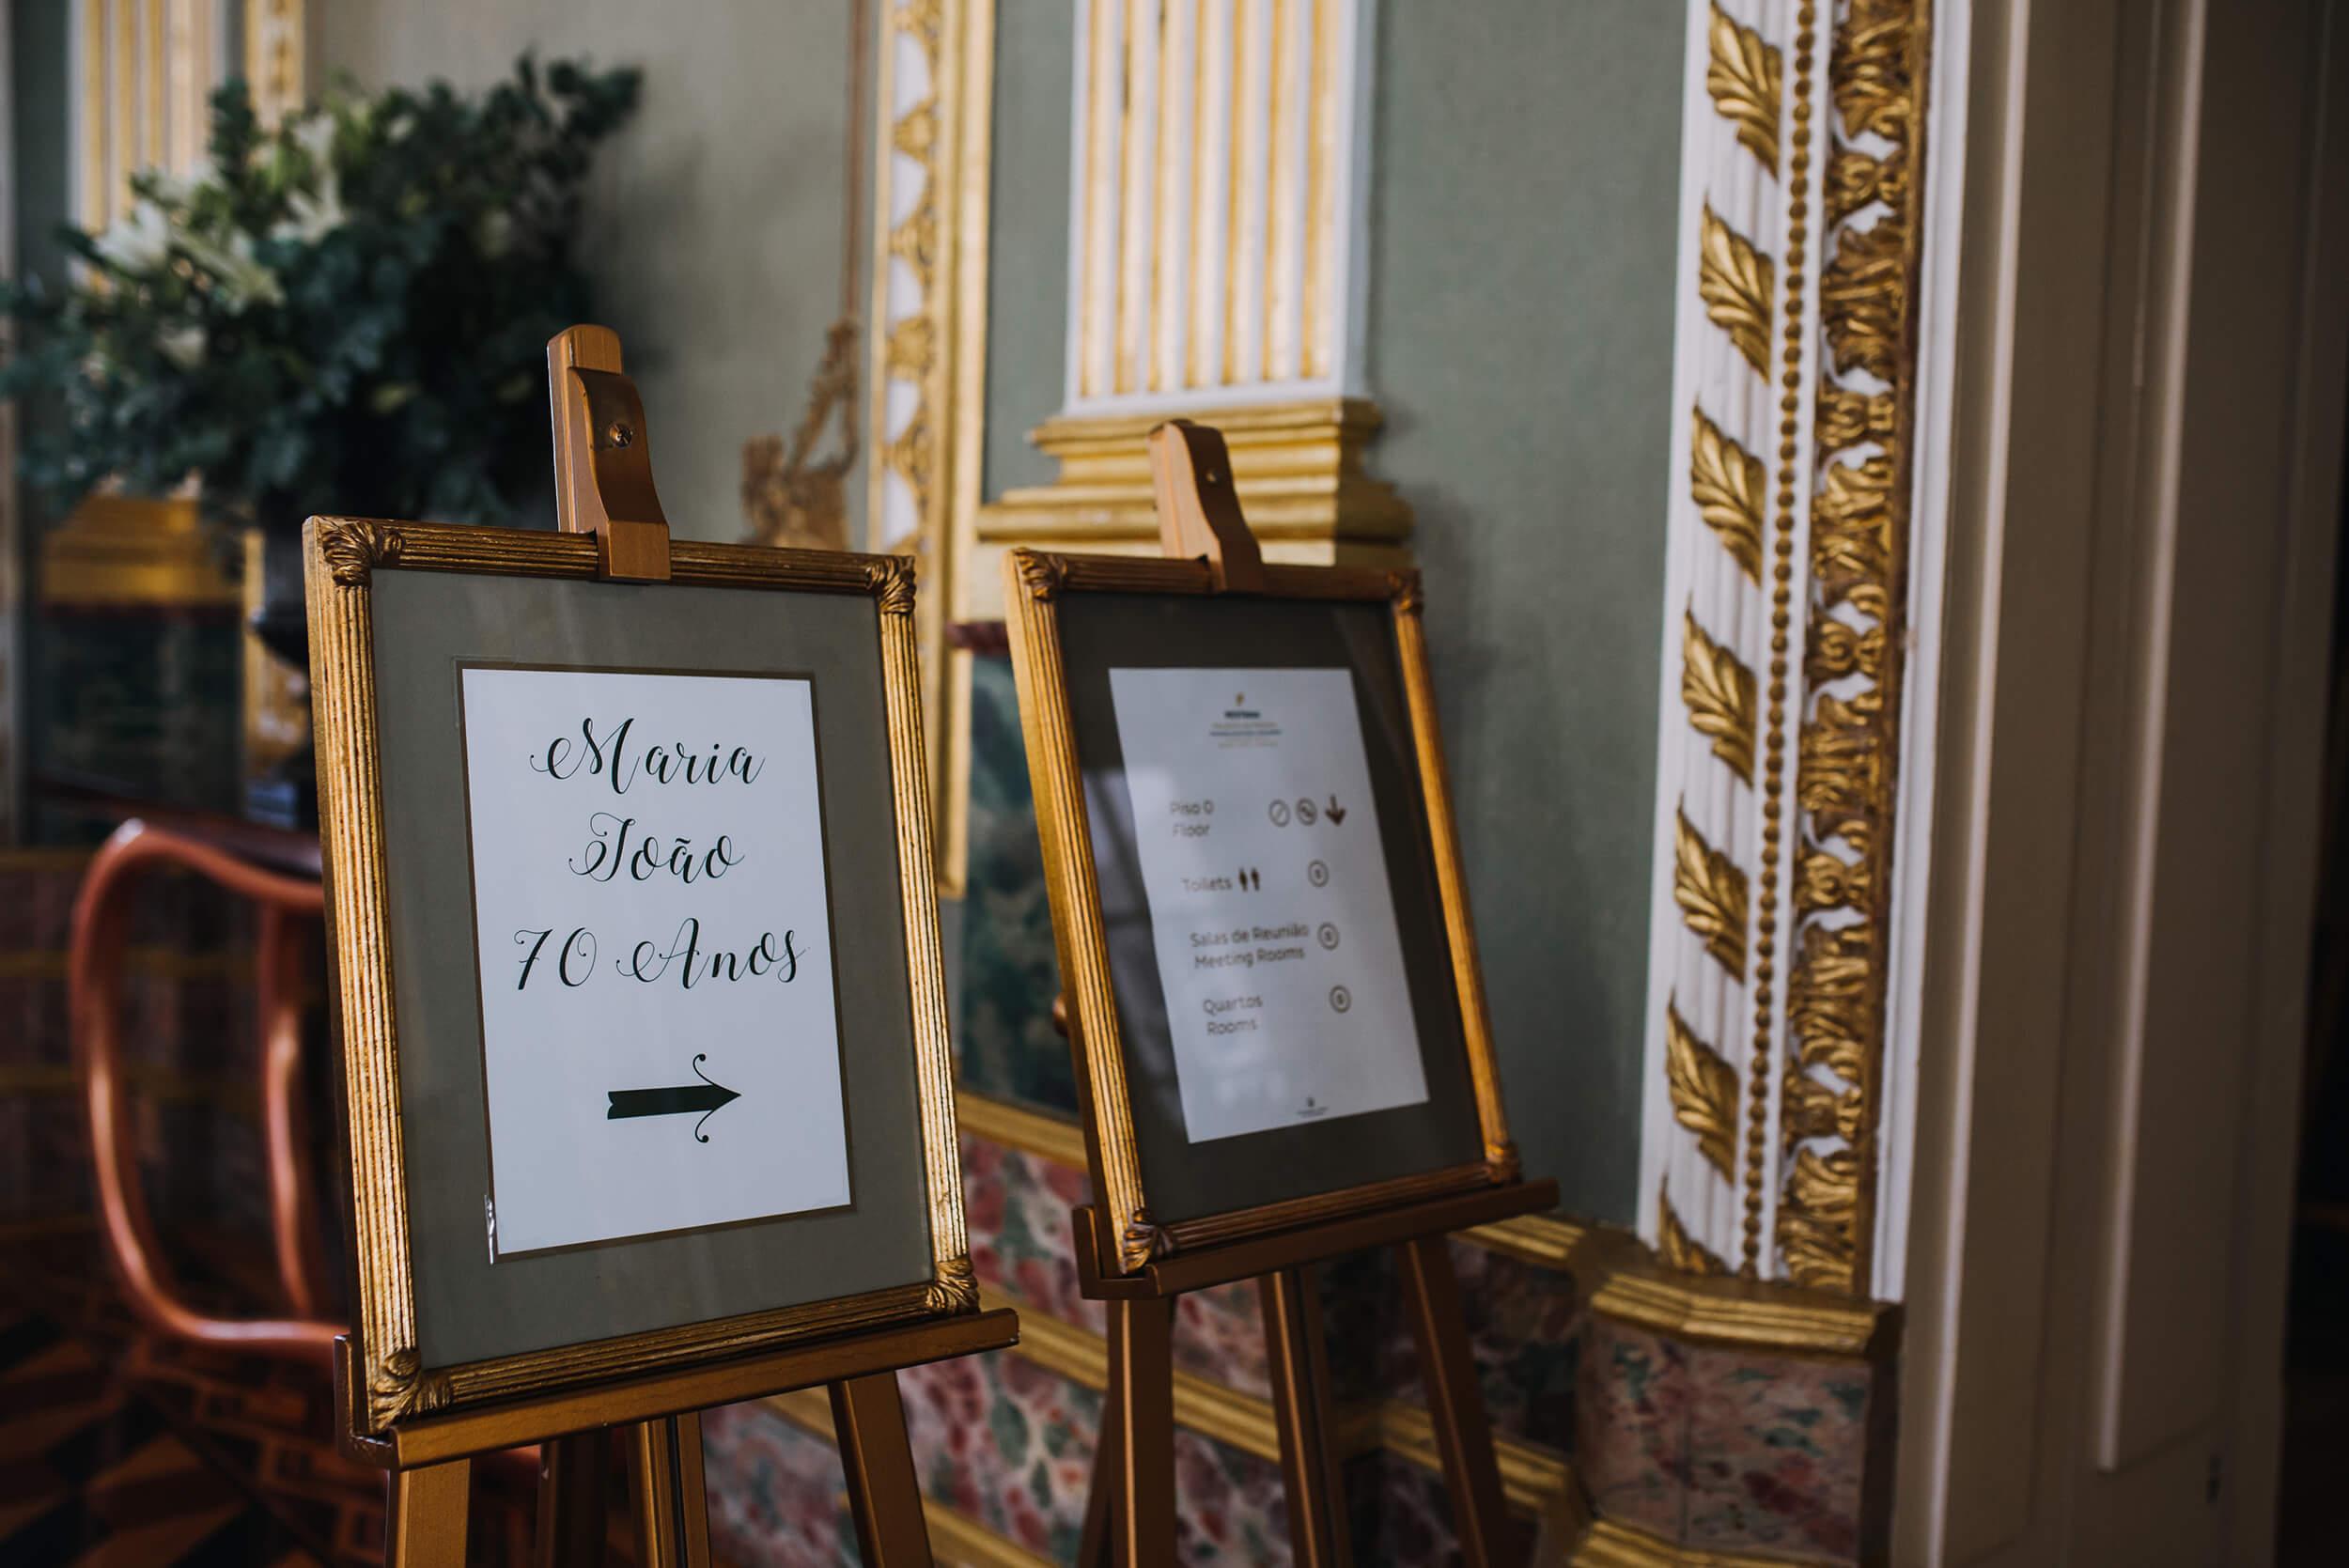 roma-organizacao-eventos-festa-aniversario-maria-joao-70-anos-1